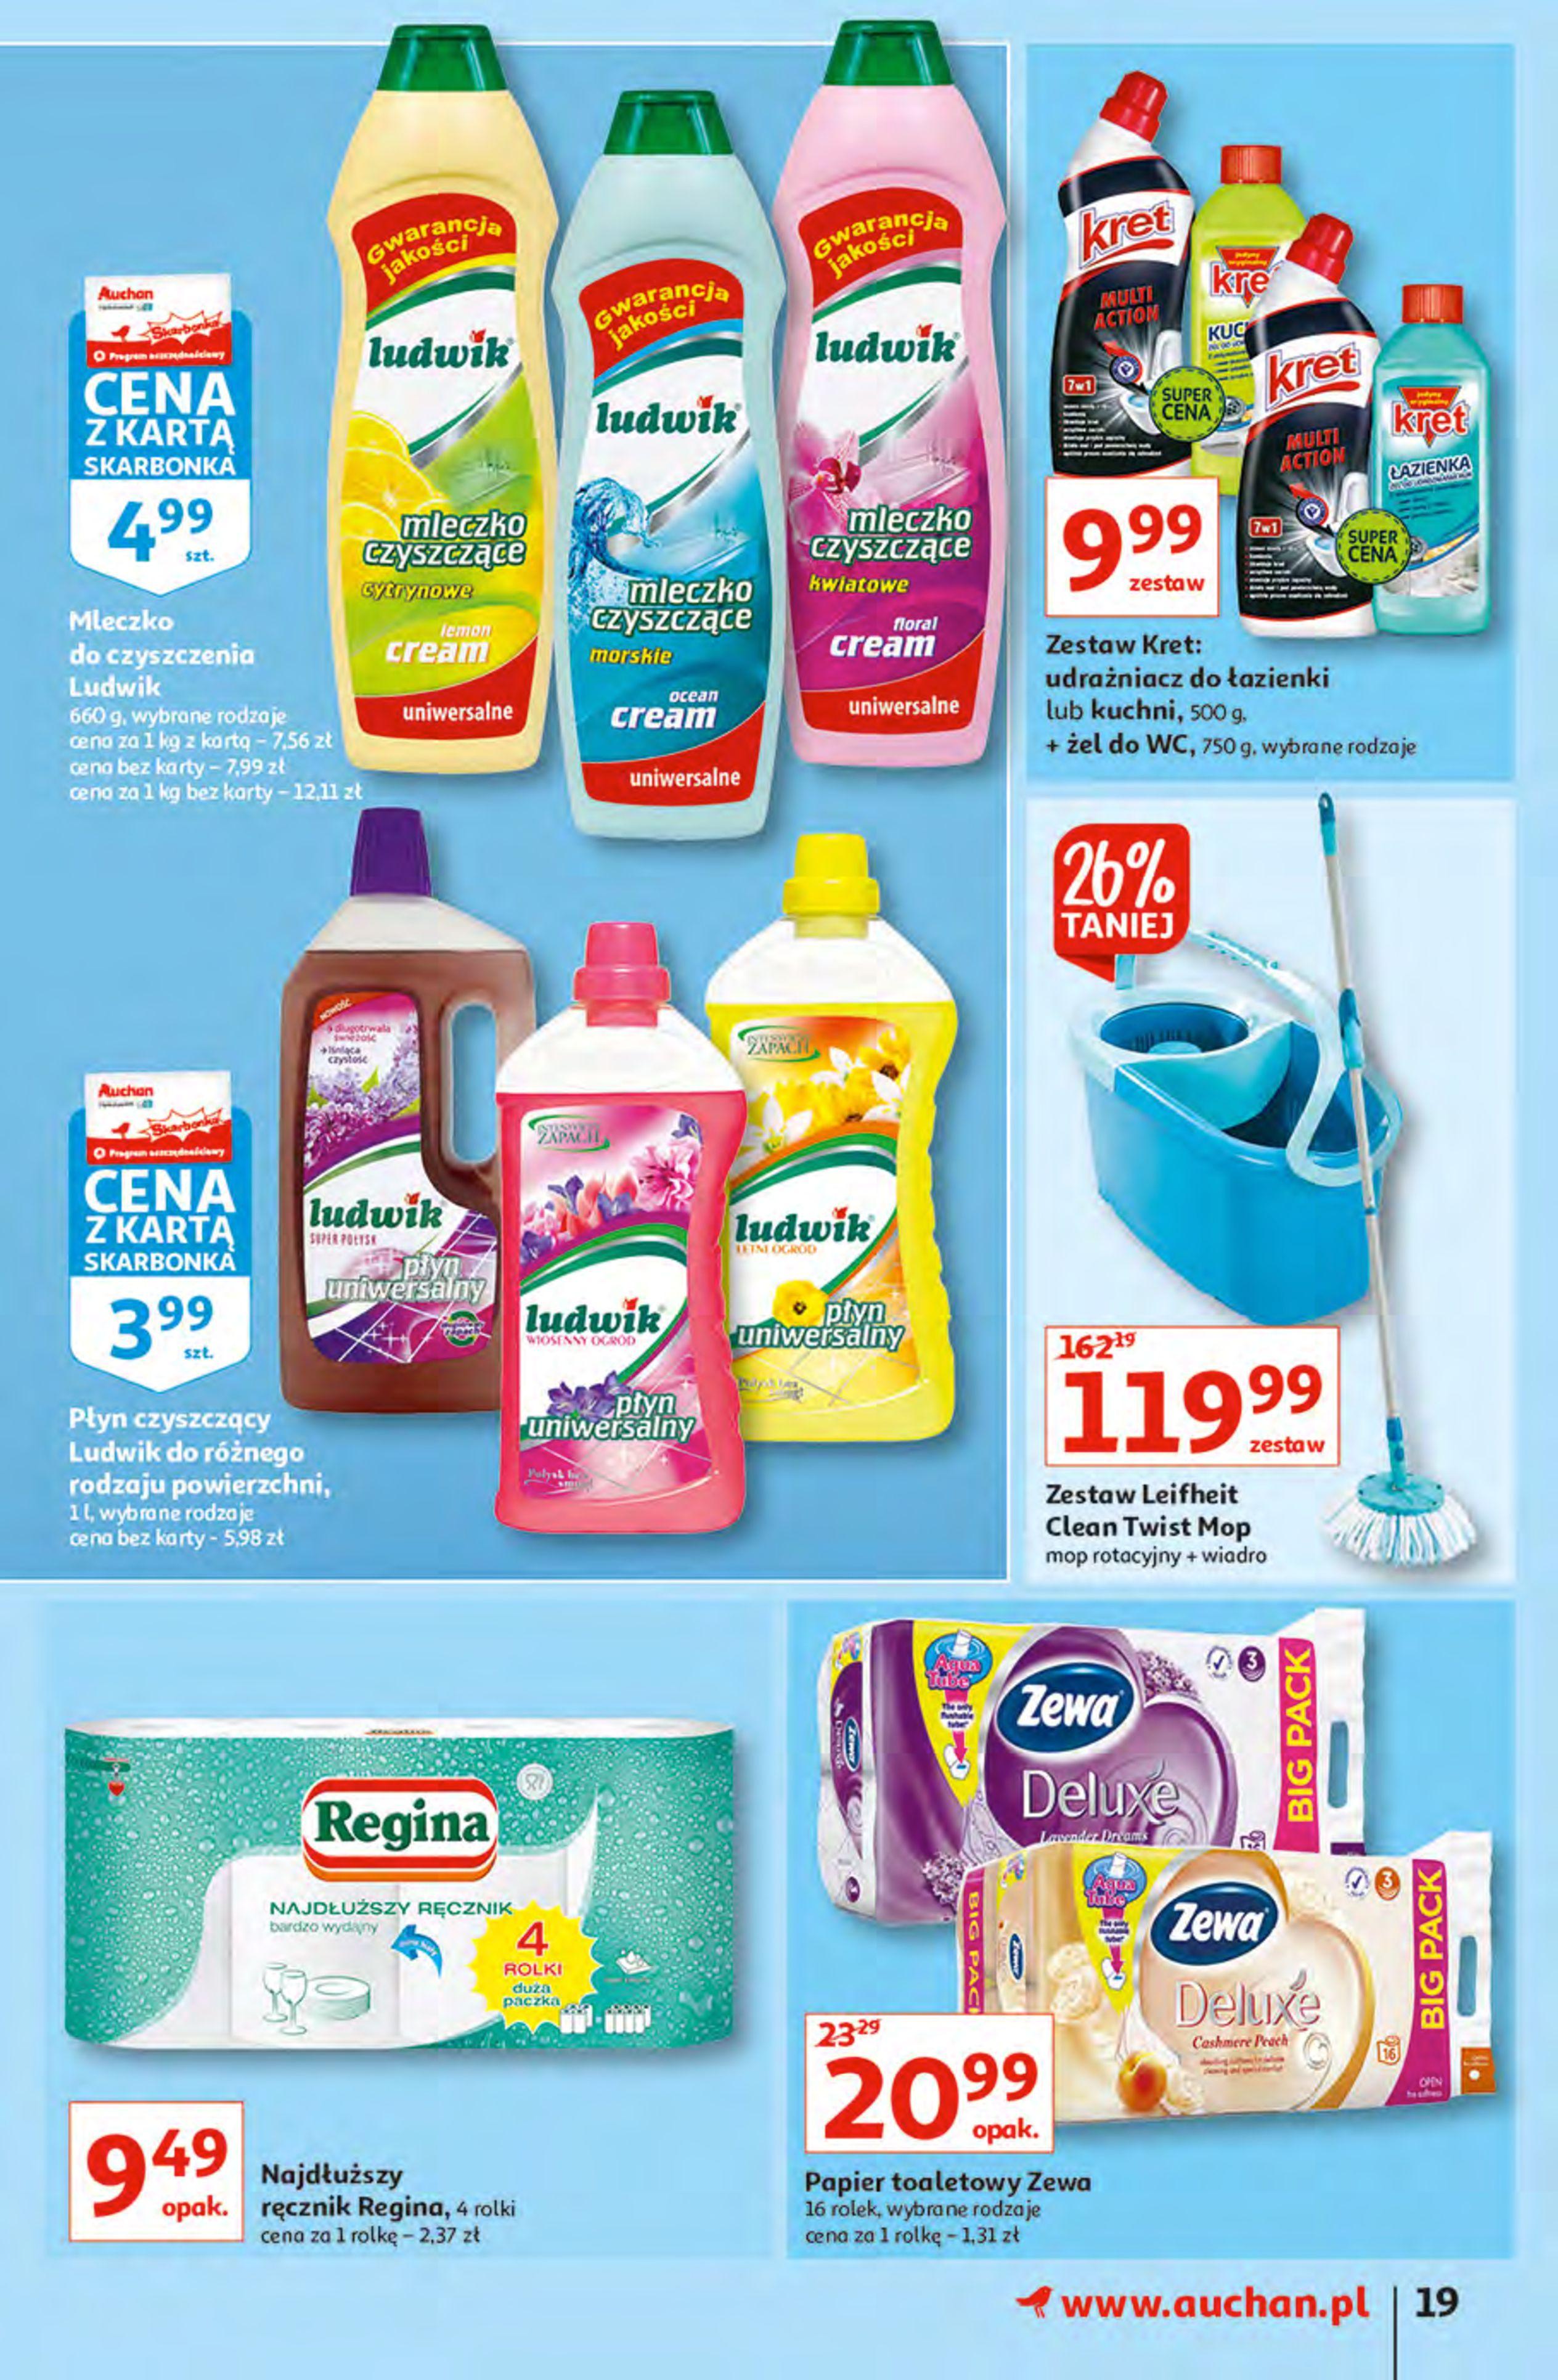 Gazetka Auchan: Gazetka Auchan - Hiperoszczędzanie z Kartą Skarbonka 2 Hipermarkety 2021-10-14 page-19